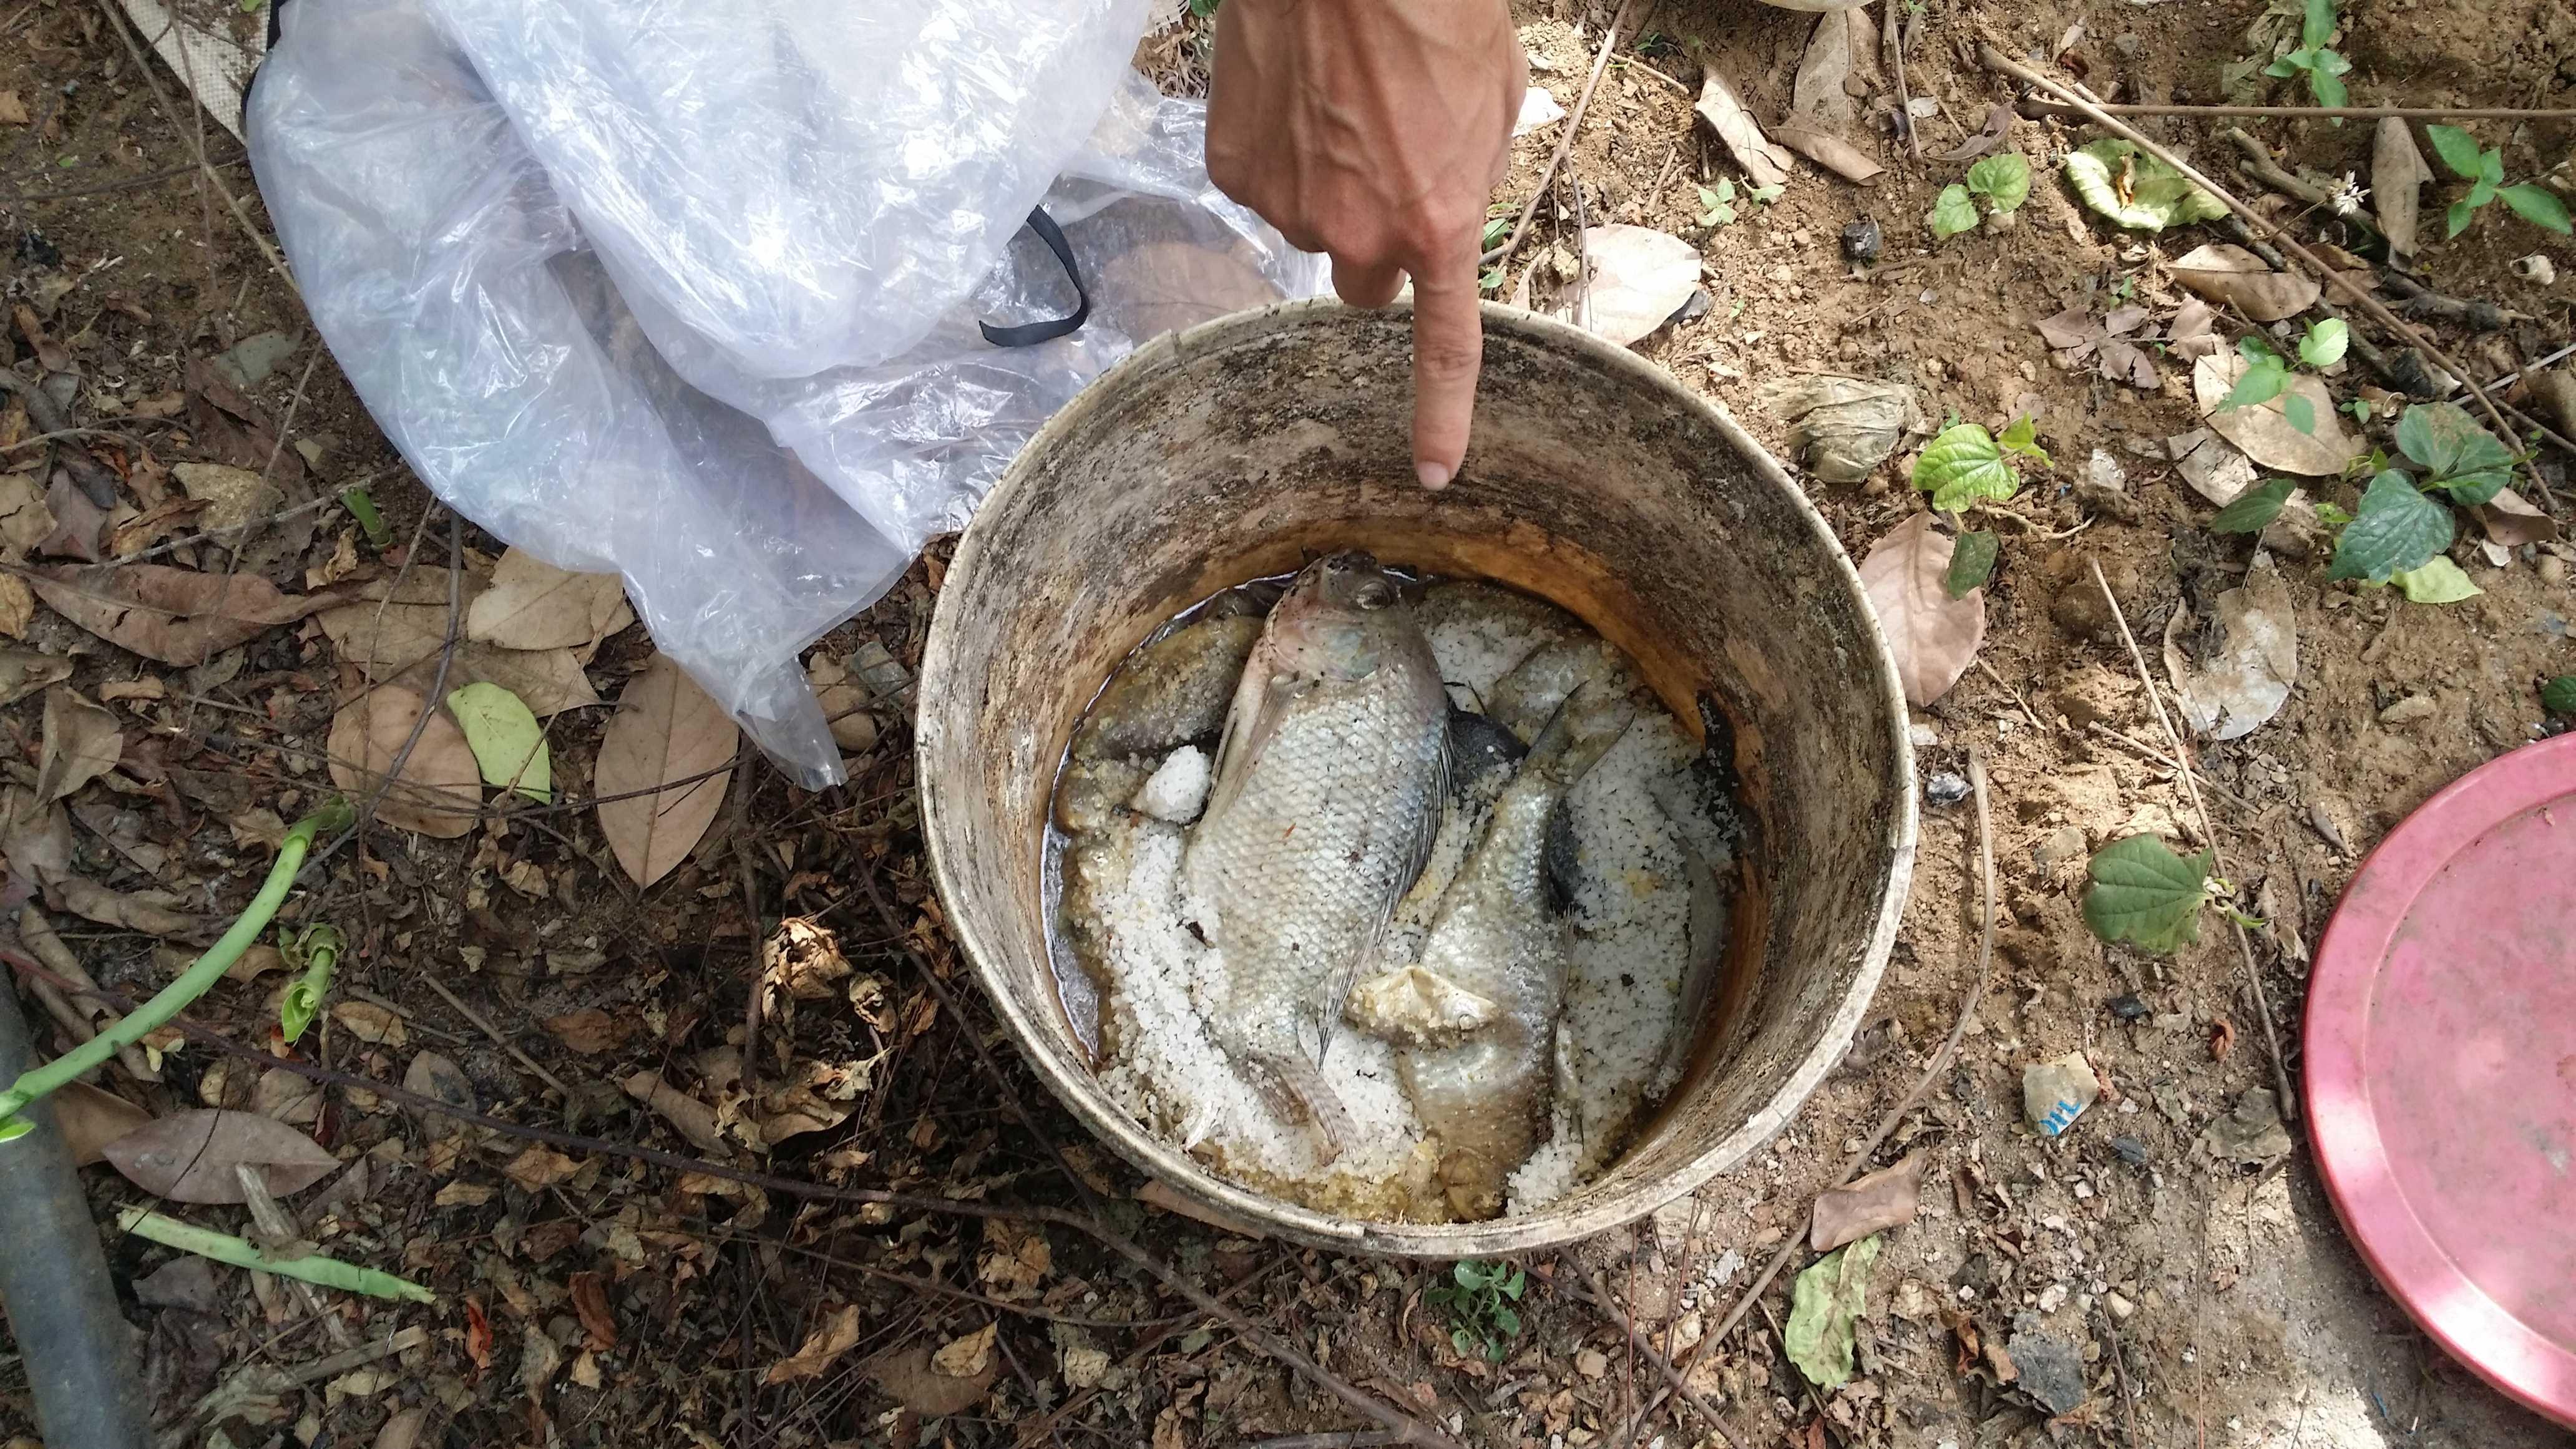 Cá chết được người dân ủ làm mắm cho gia súc.